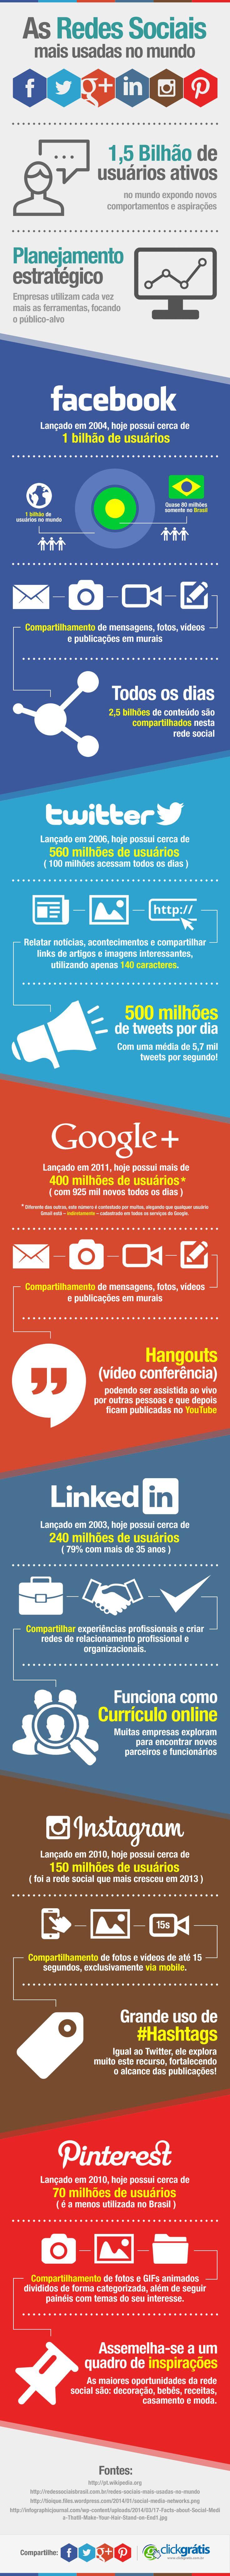 As redes sociais mais usadas no mundo - Infográficos - ClickGrátis